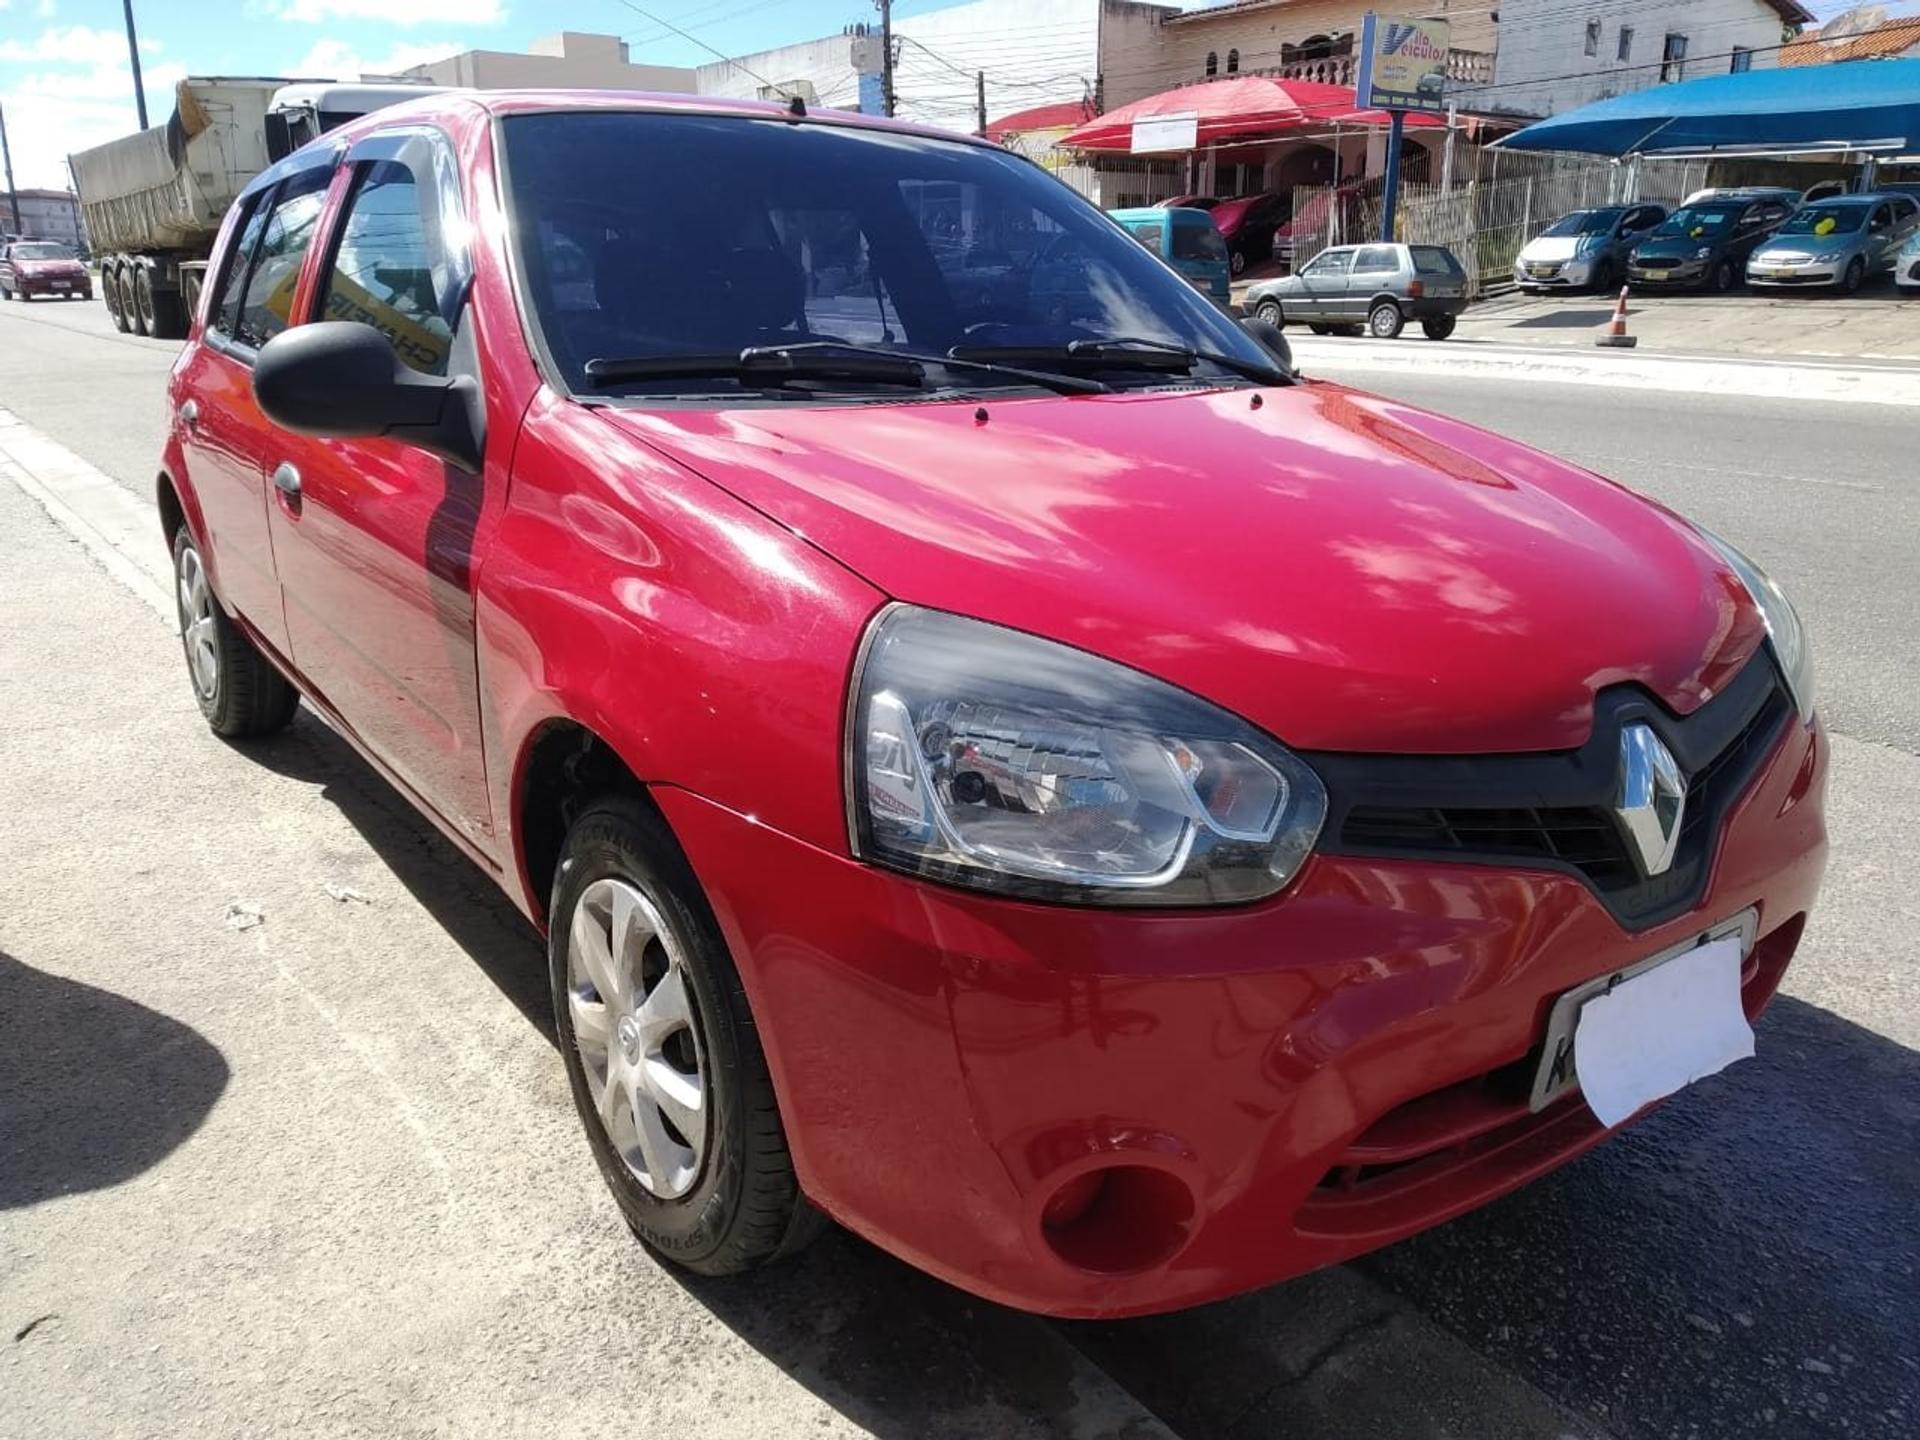 Renault Clio 1.0 Expression 16v Flex 4p Manual Wmimagem14082433779